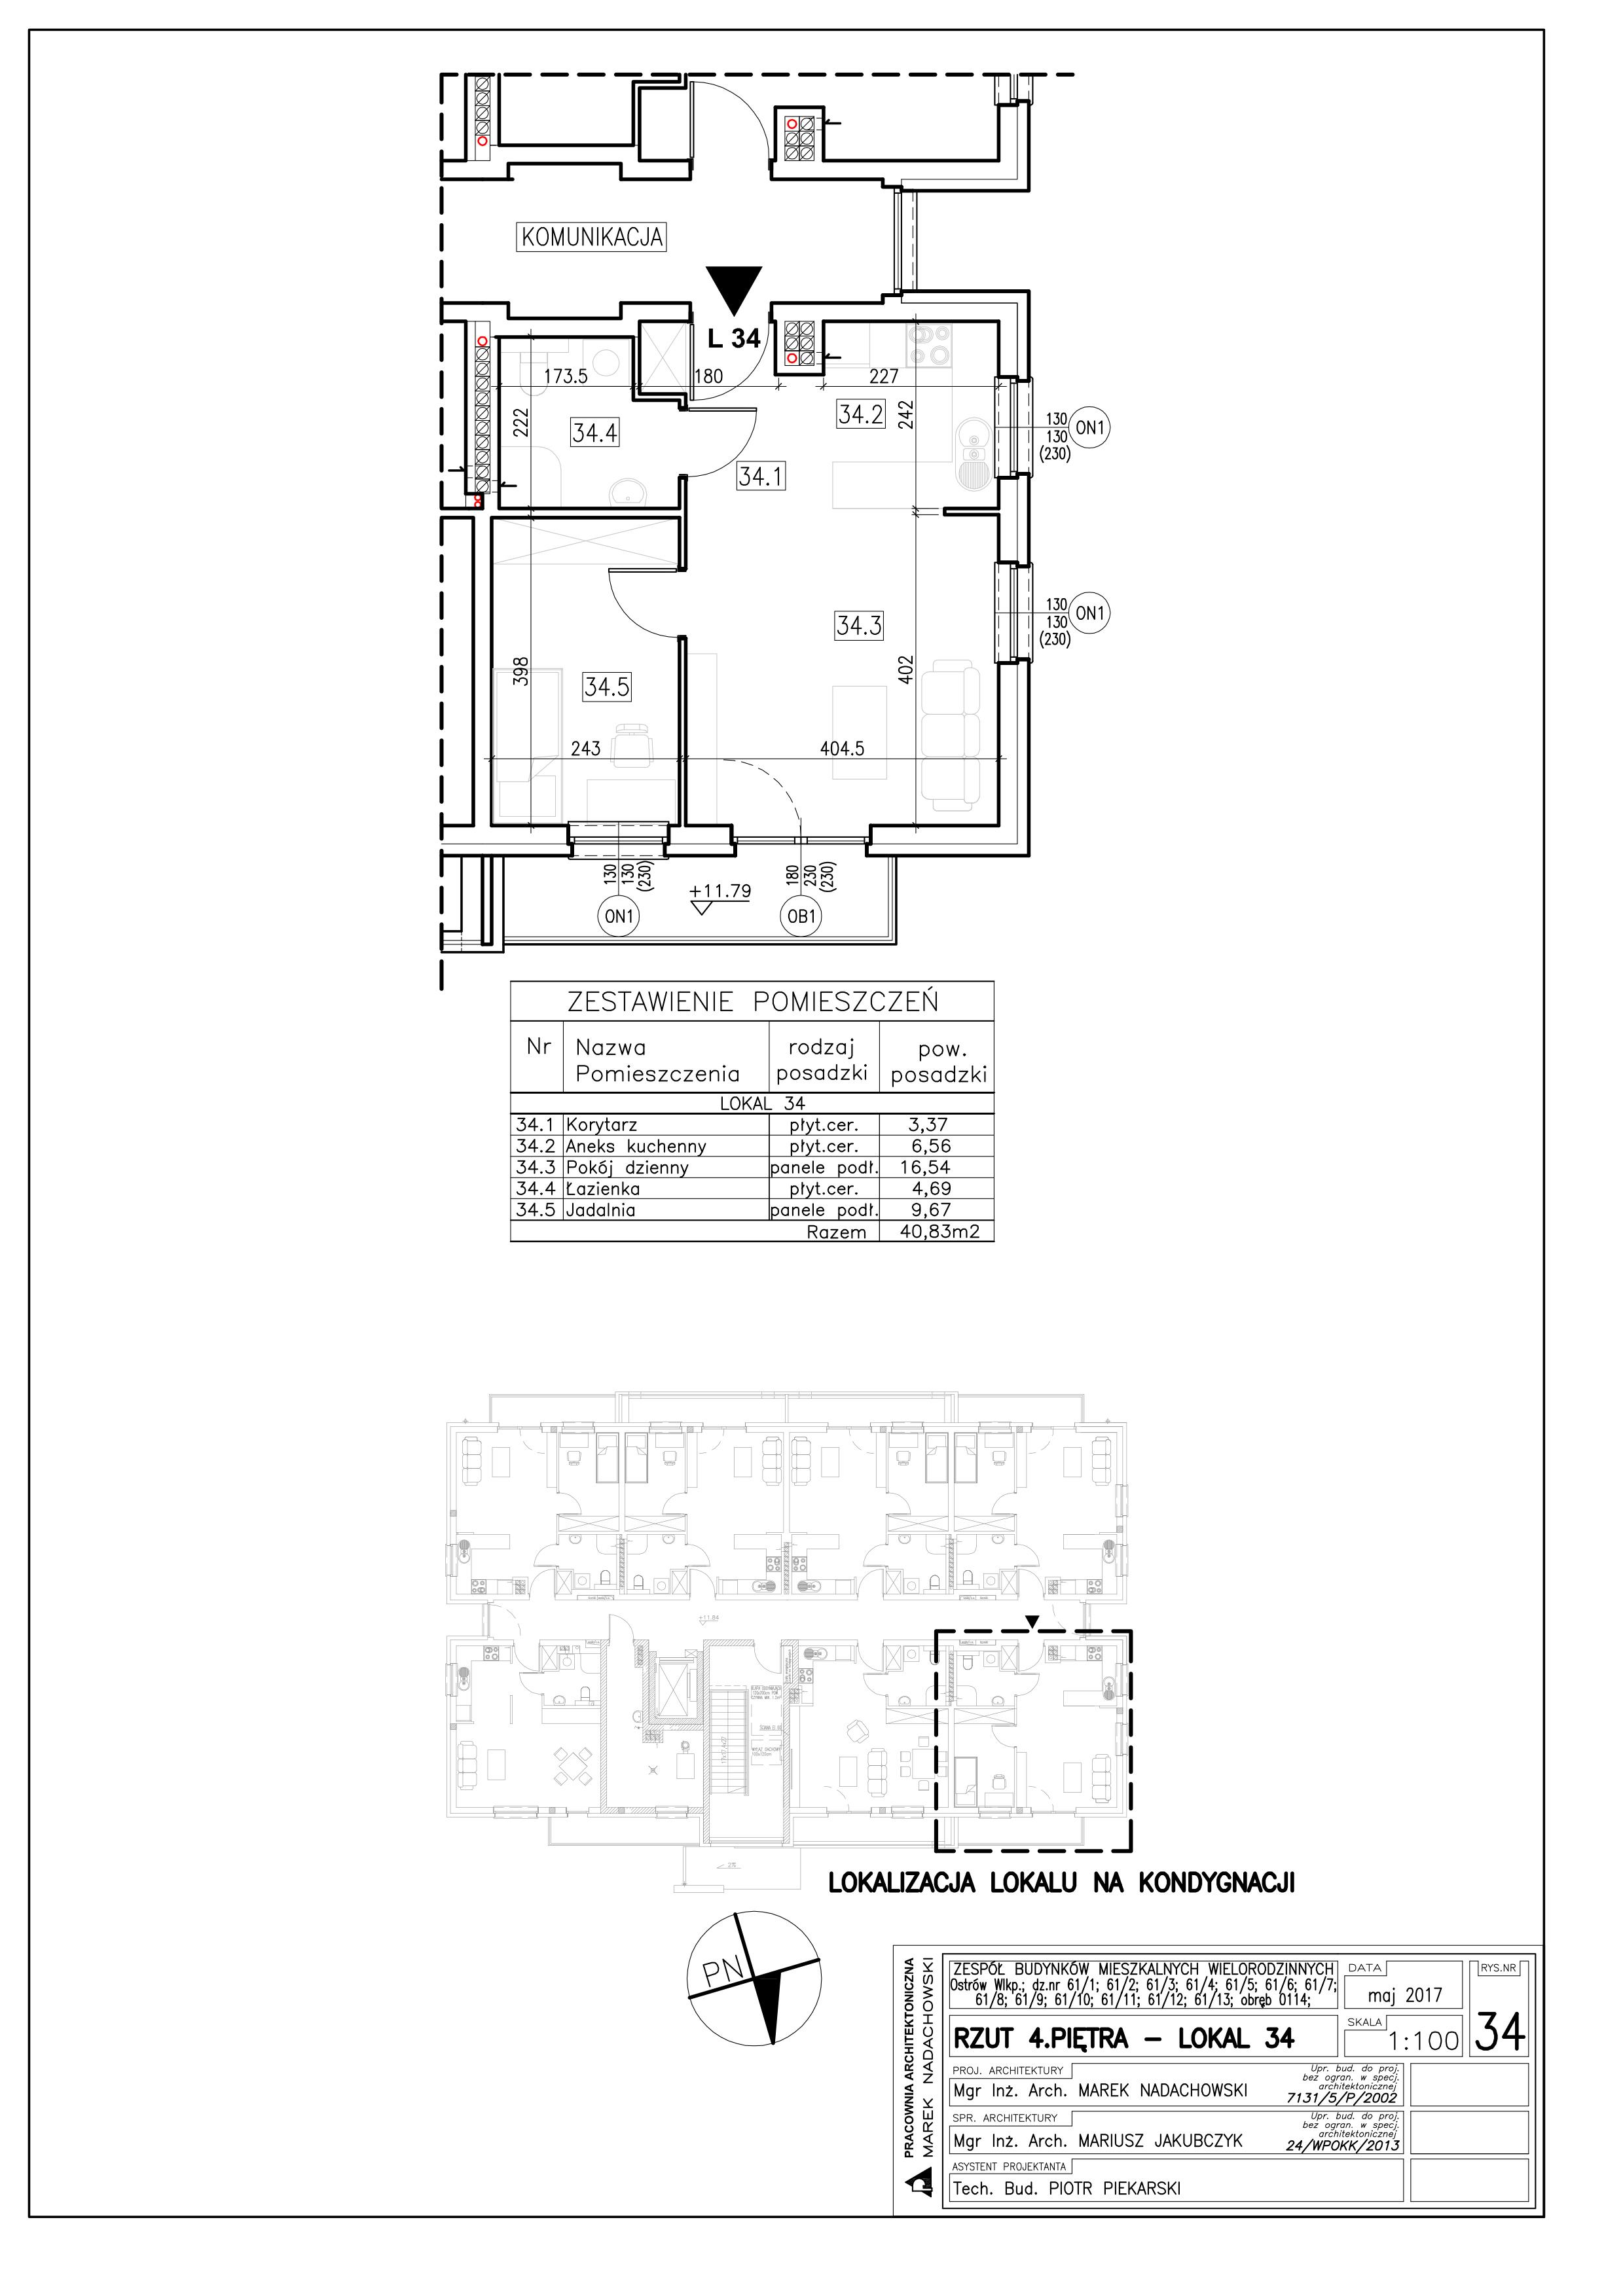 Lokal nr 34 Powierzchnia: 40,83 m2